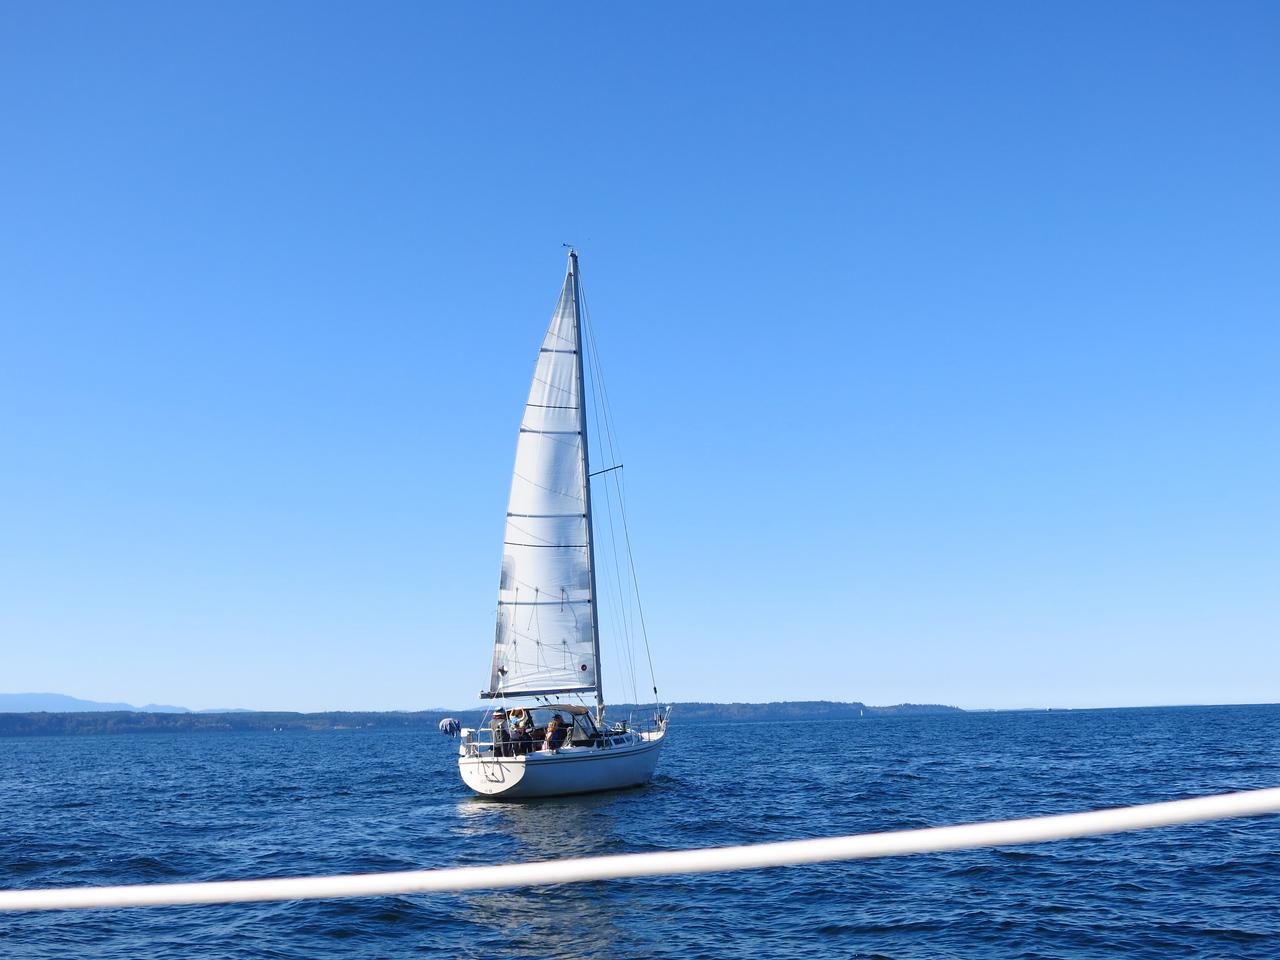 2015-10-04 Sail (24)